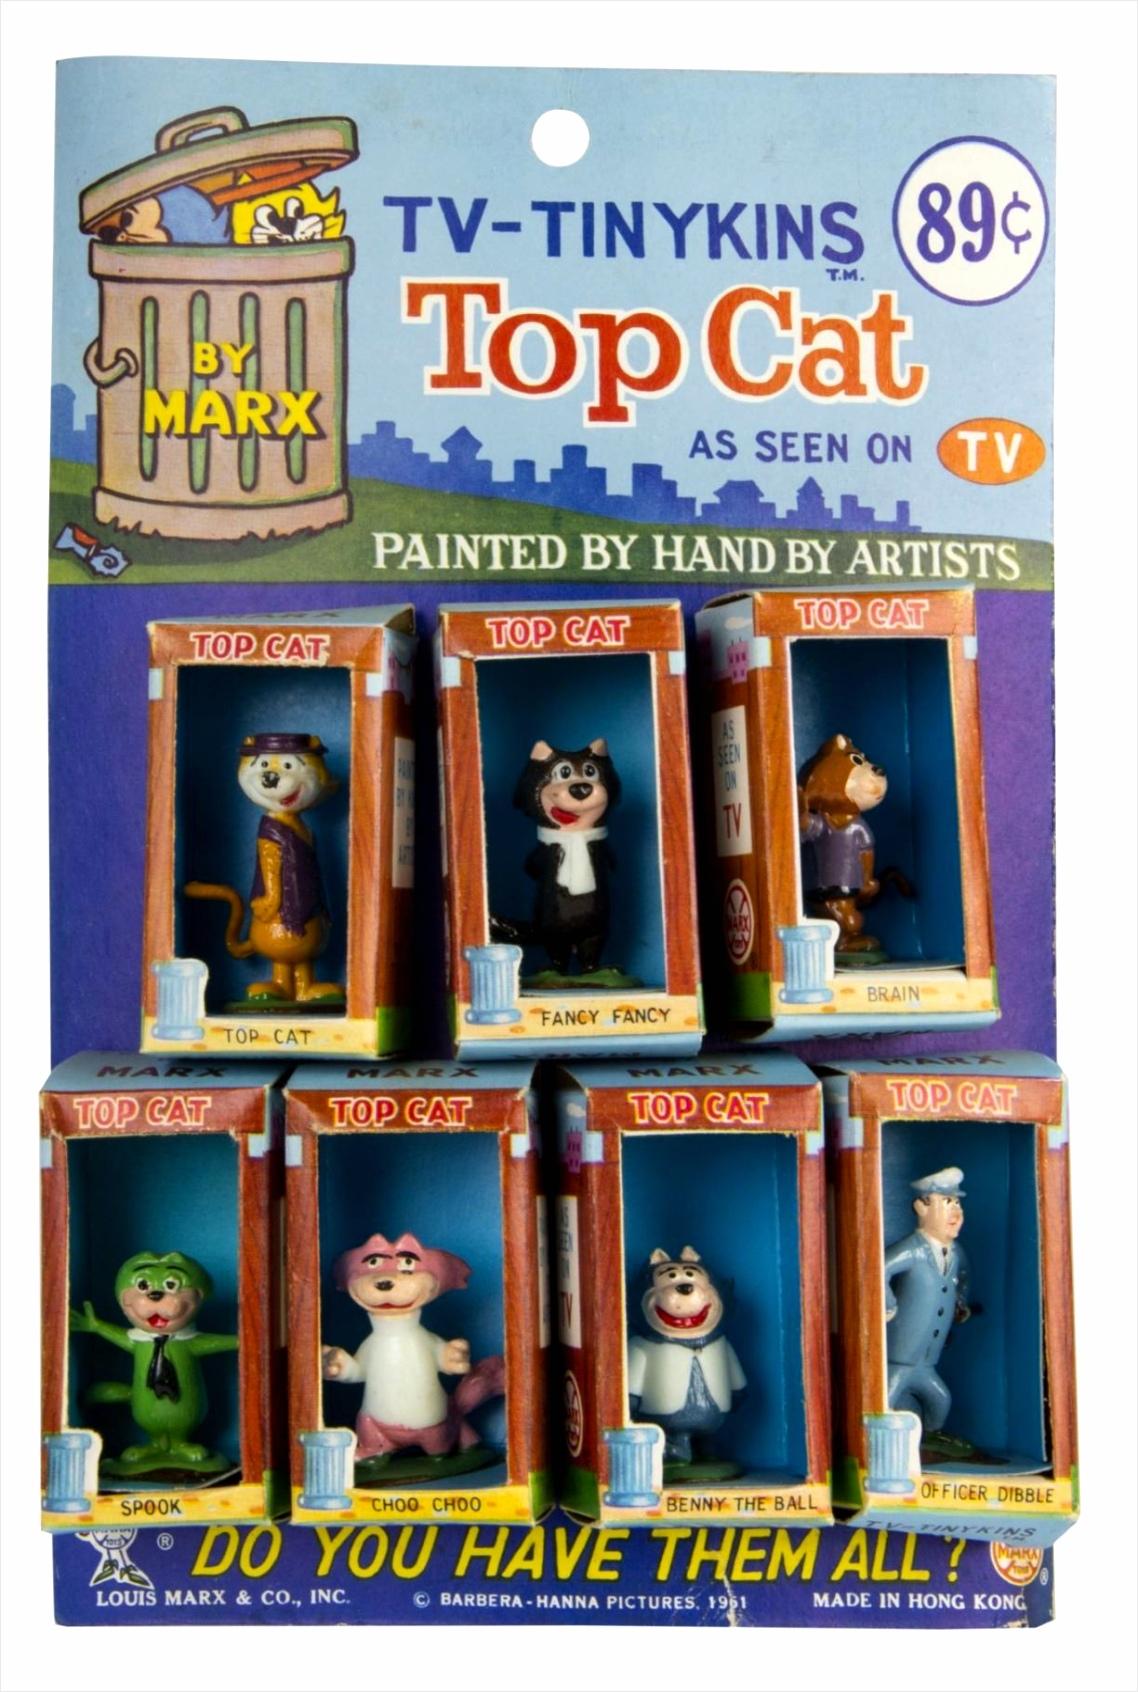 Top Cat TV Tinykins Store Display i ttuiw